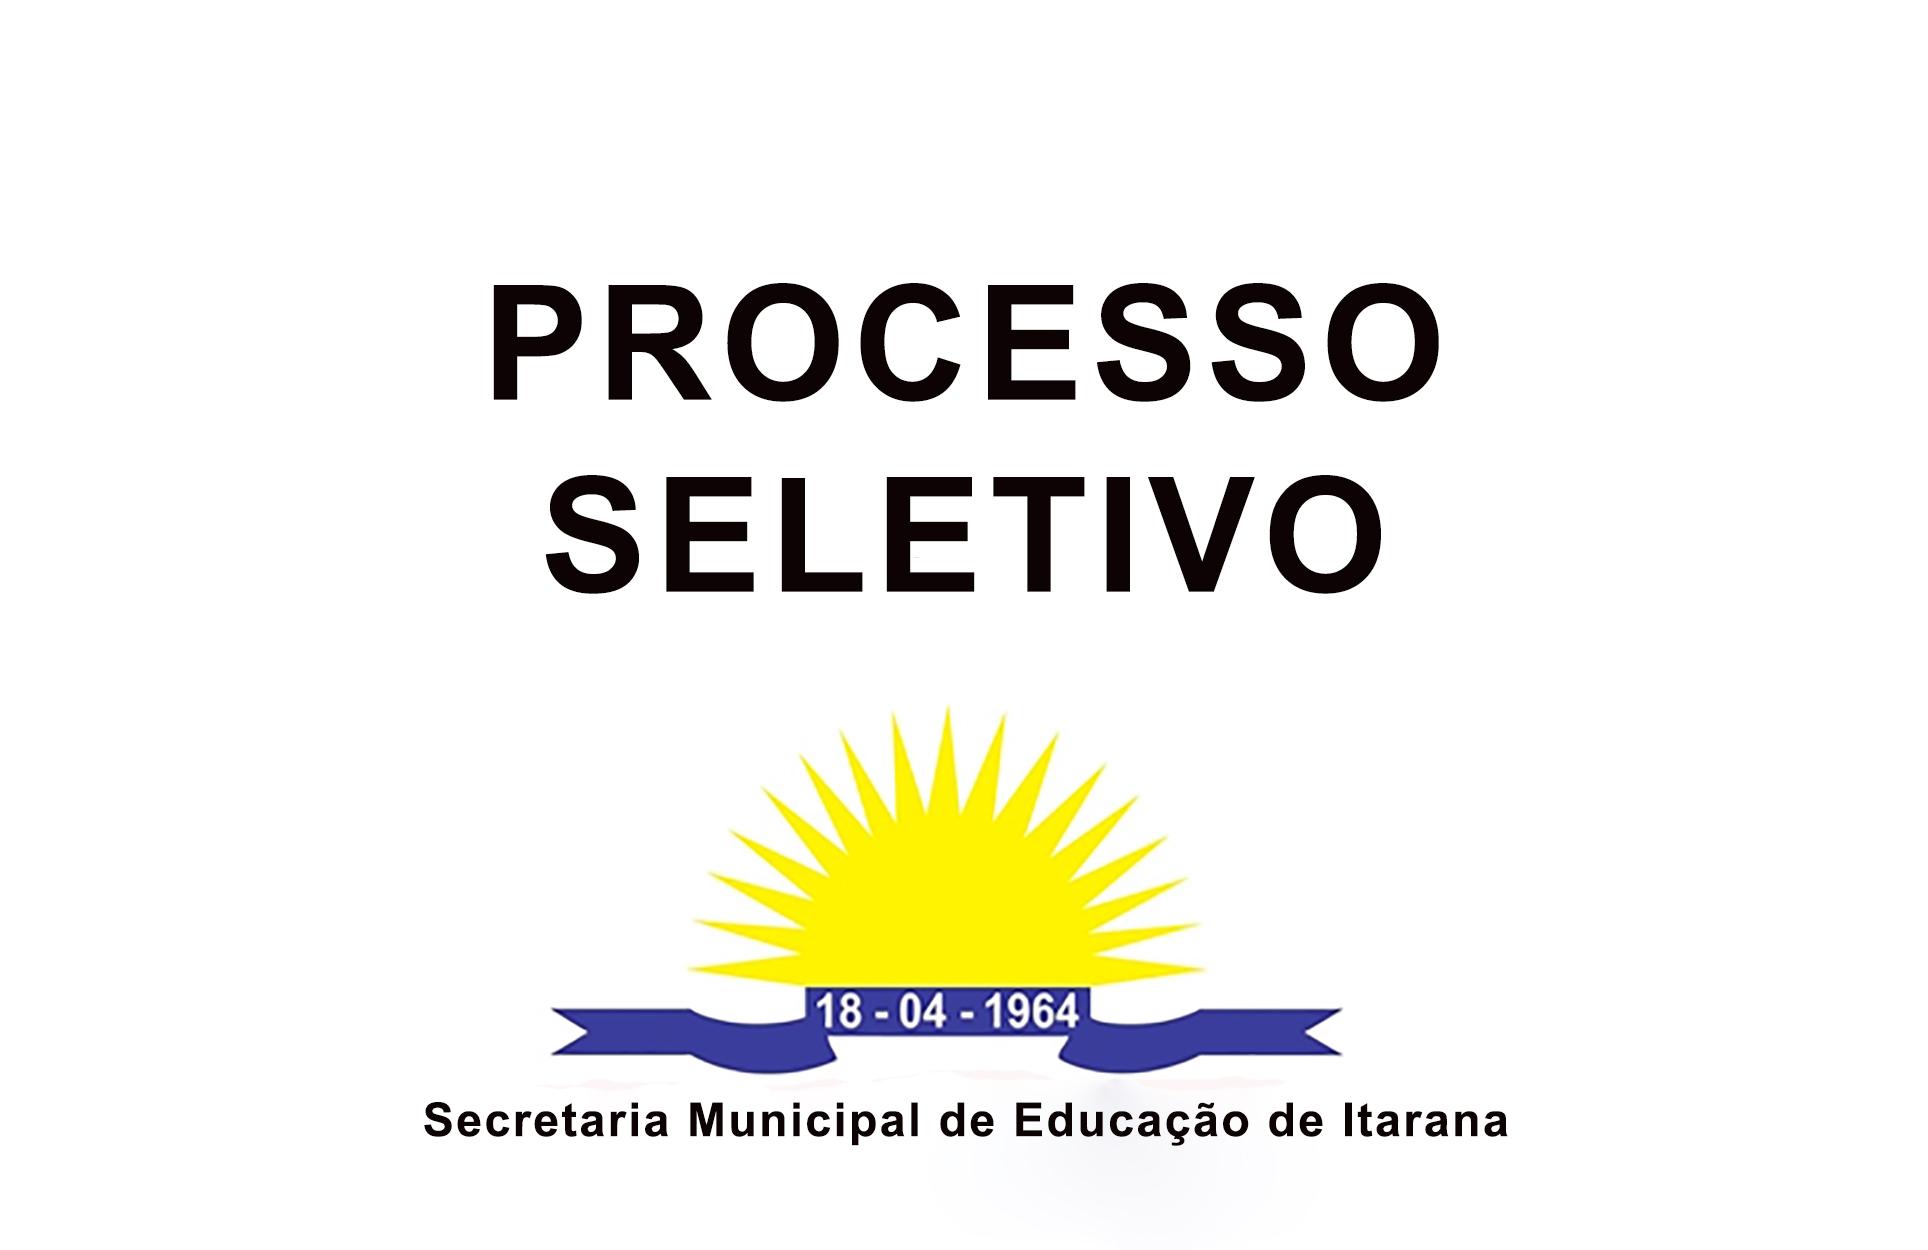 Processo seletivo para Professor DT: inscrições Deferidas e Indeferidas